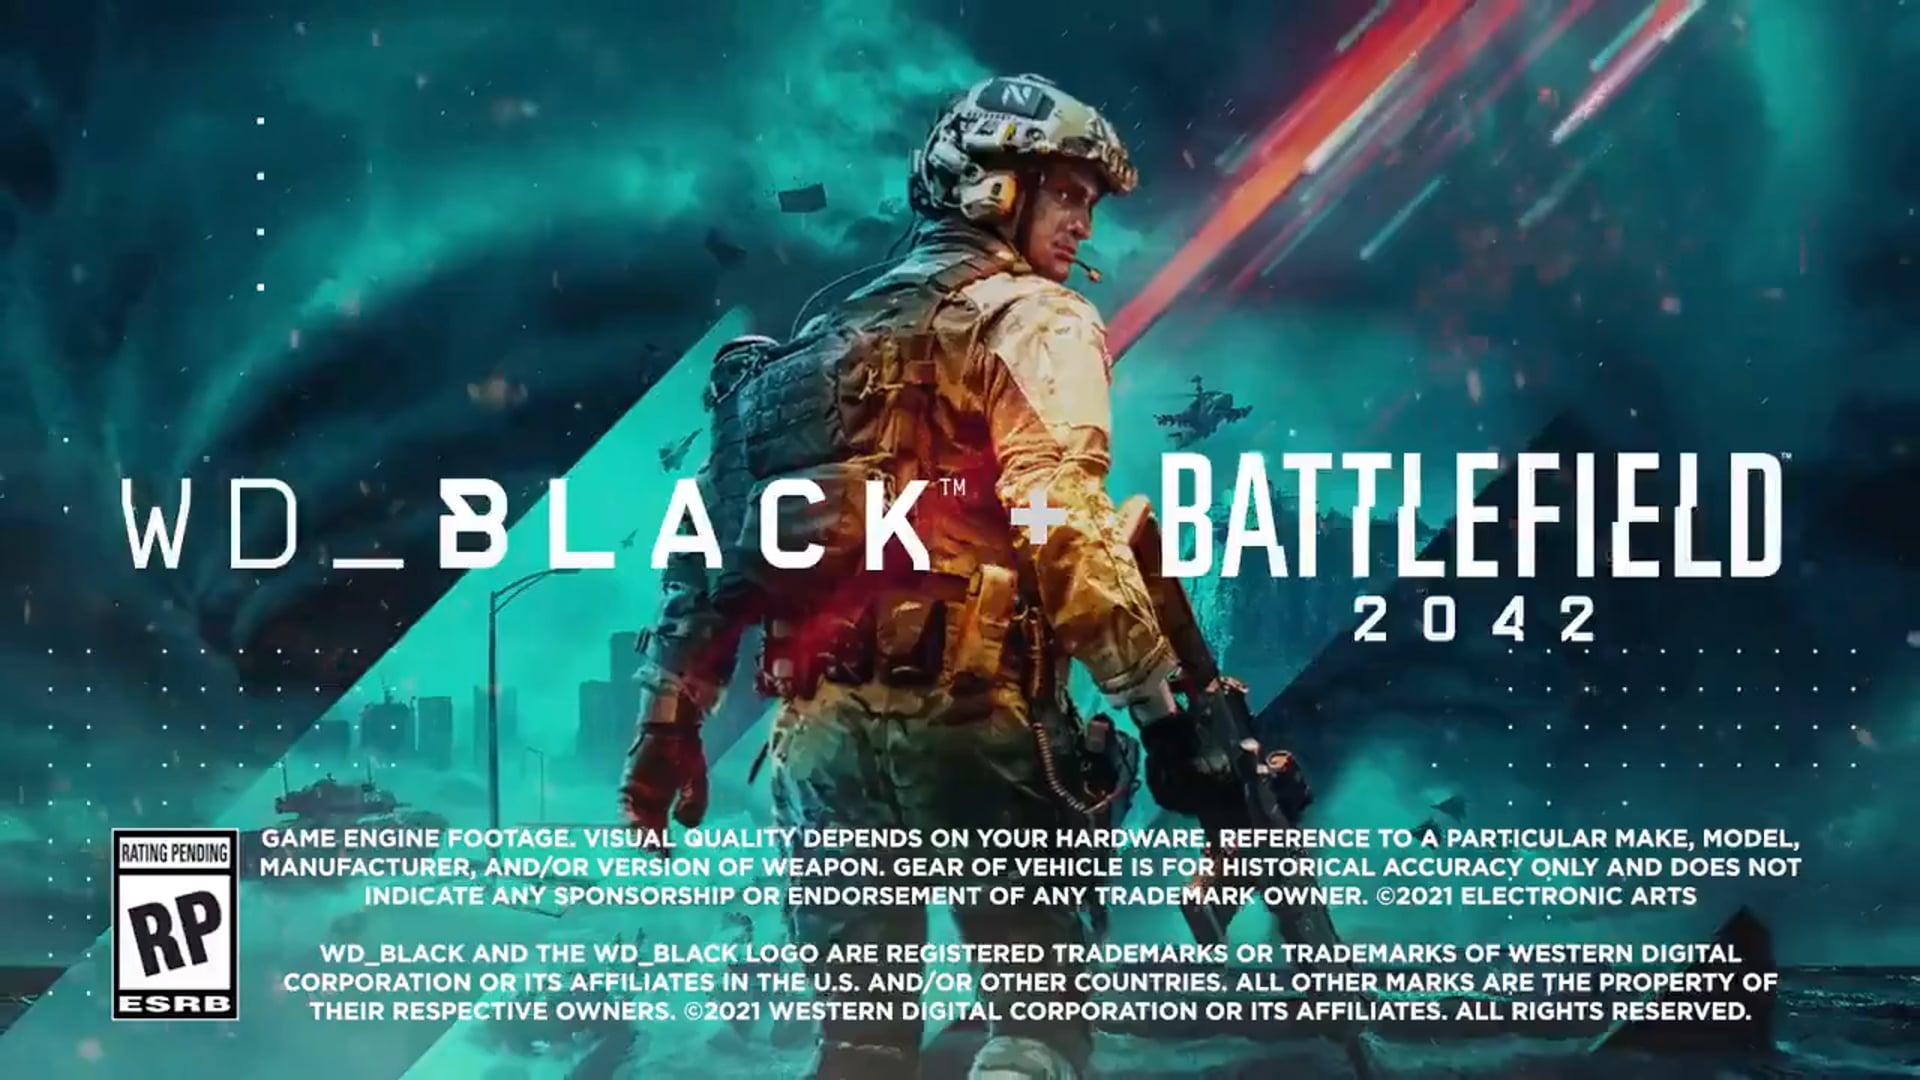 EA: Battlefield 2042 x WD_BLACK